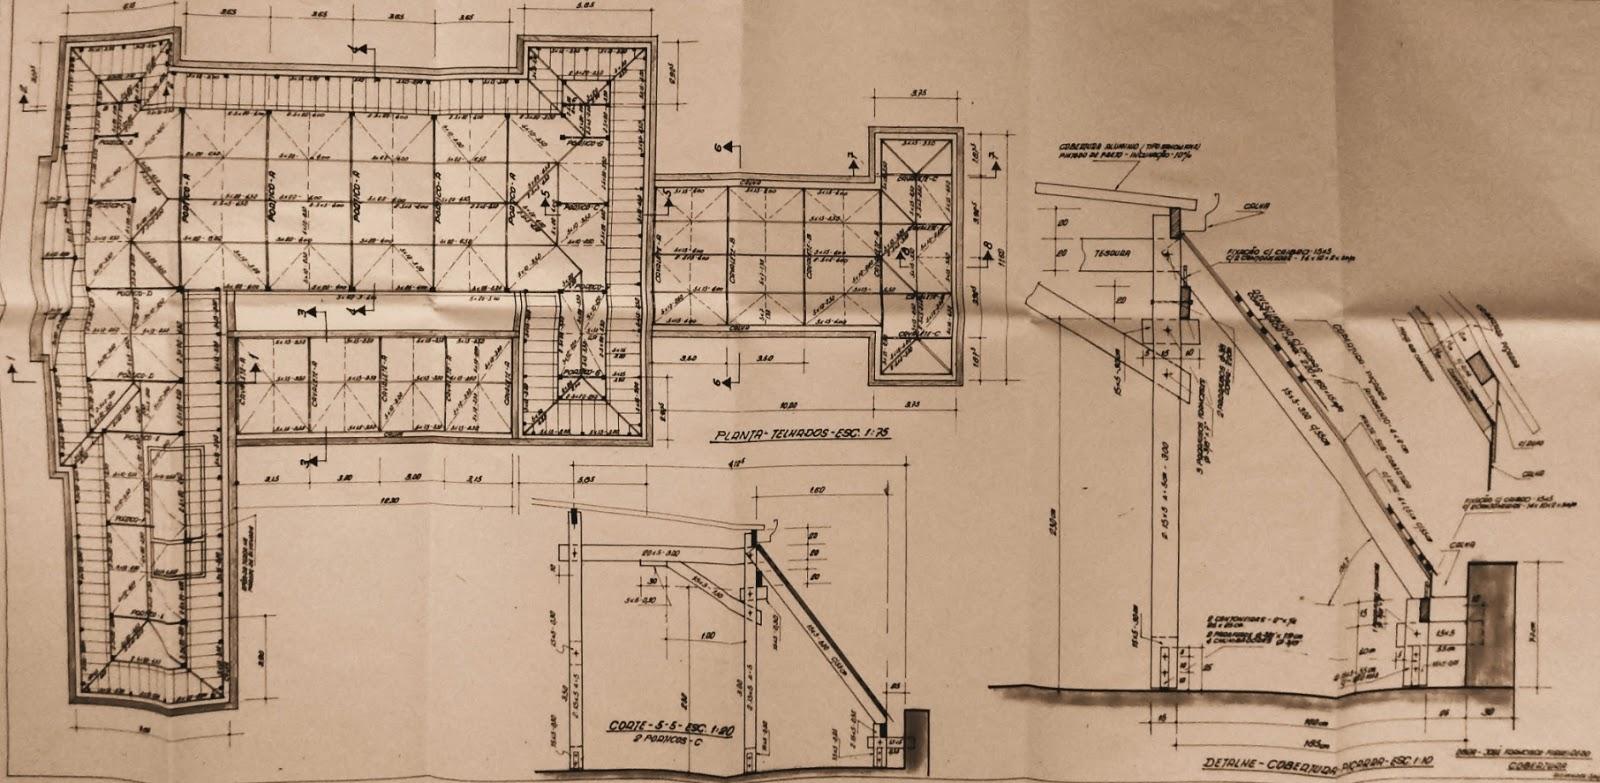 Planta geral de cobertura com detalhes técnicos desenhados por Sneiders.